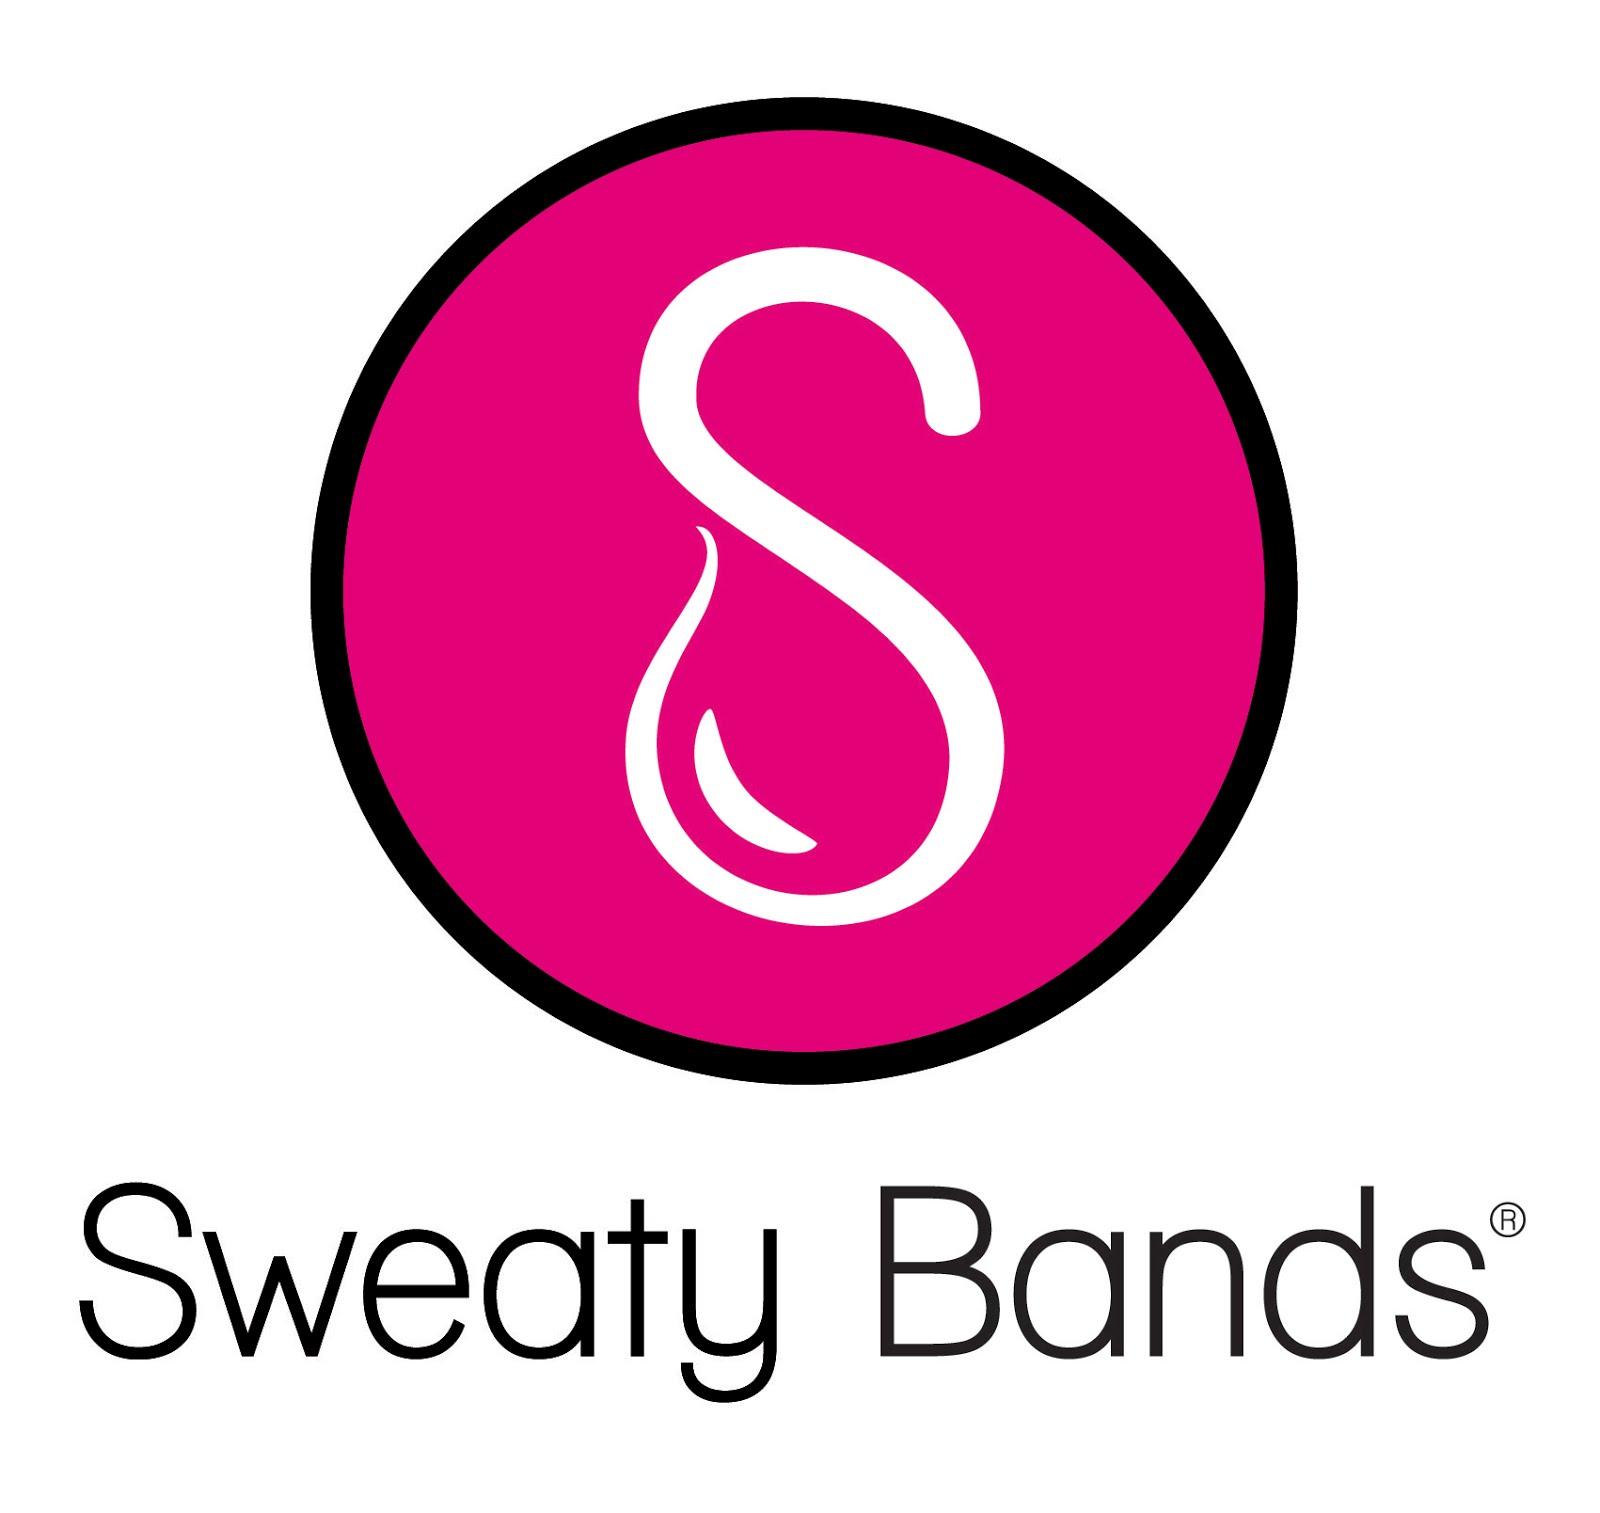 SweatyBands